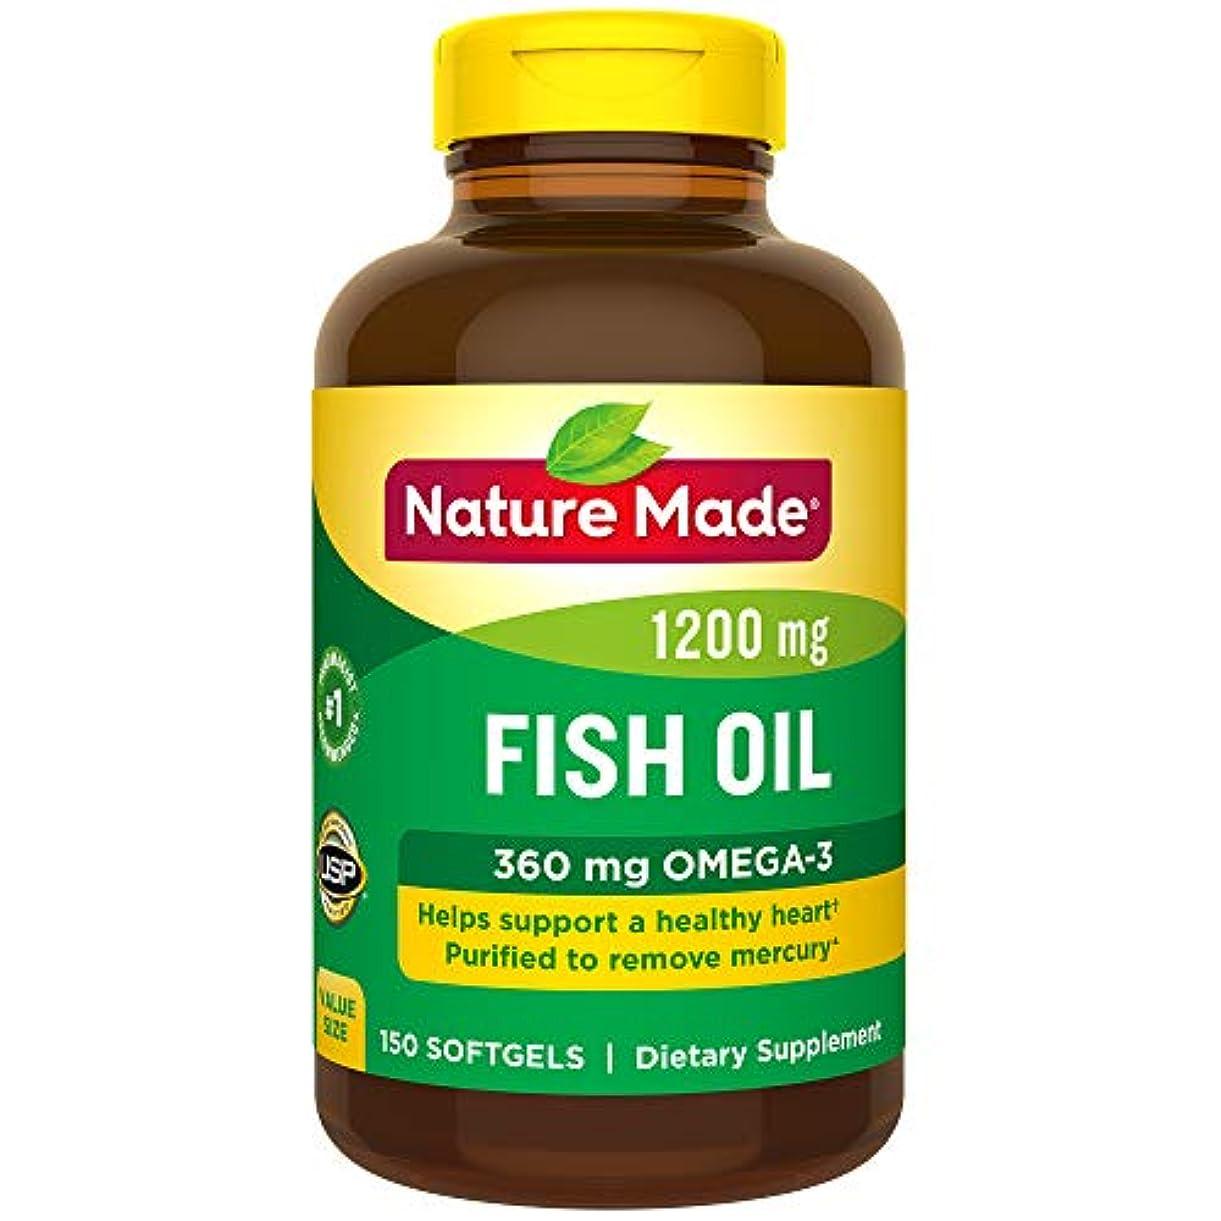 概して家禽かすかなネイチャーメイド Nature Made フィッシュオイル オメガ3 サプリメント ソフトジェル 150粒 [並行輸入]